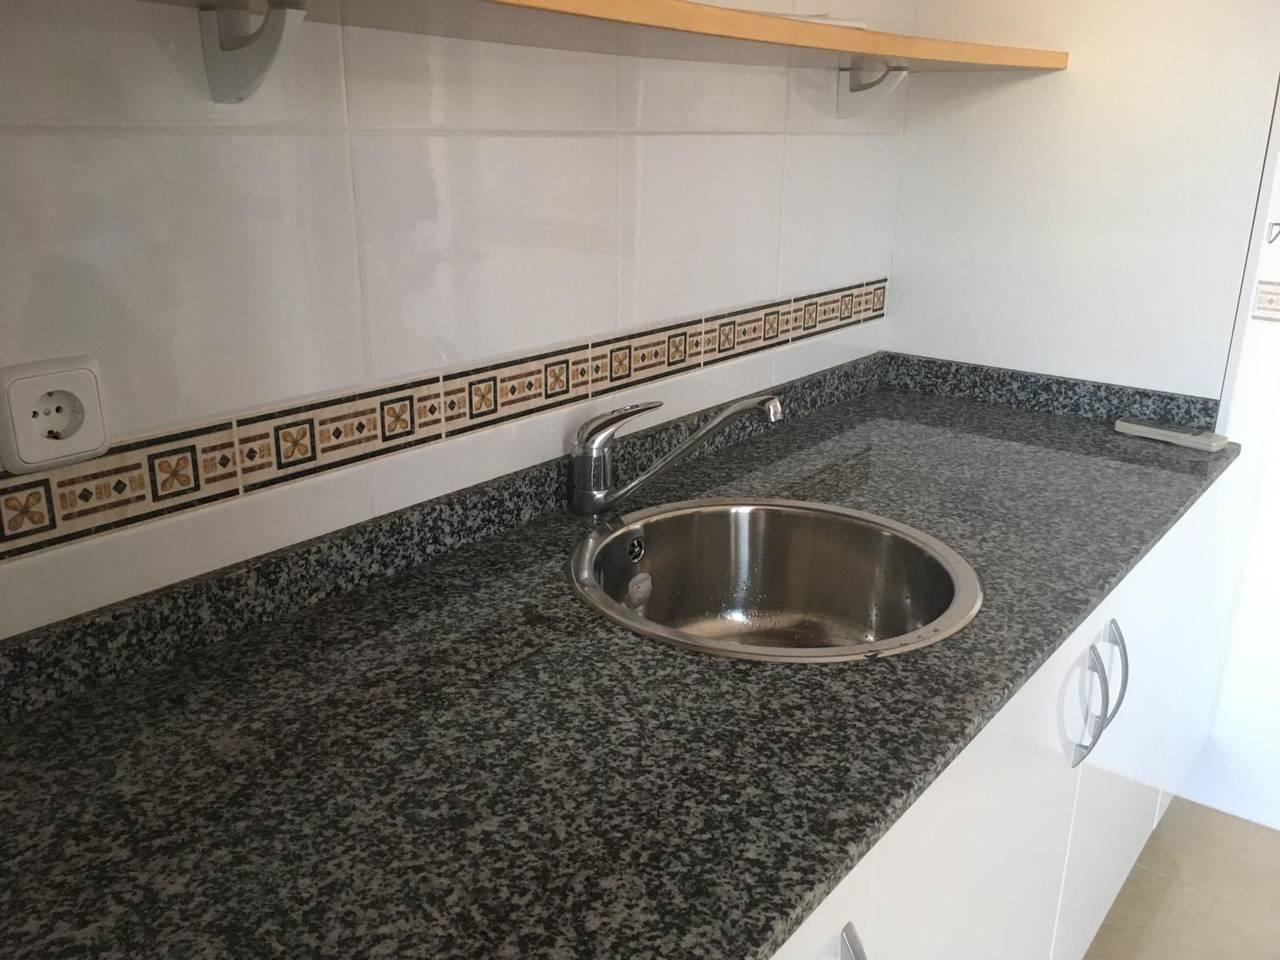 Muebles cocina y lavavajillas  - Foto 3